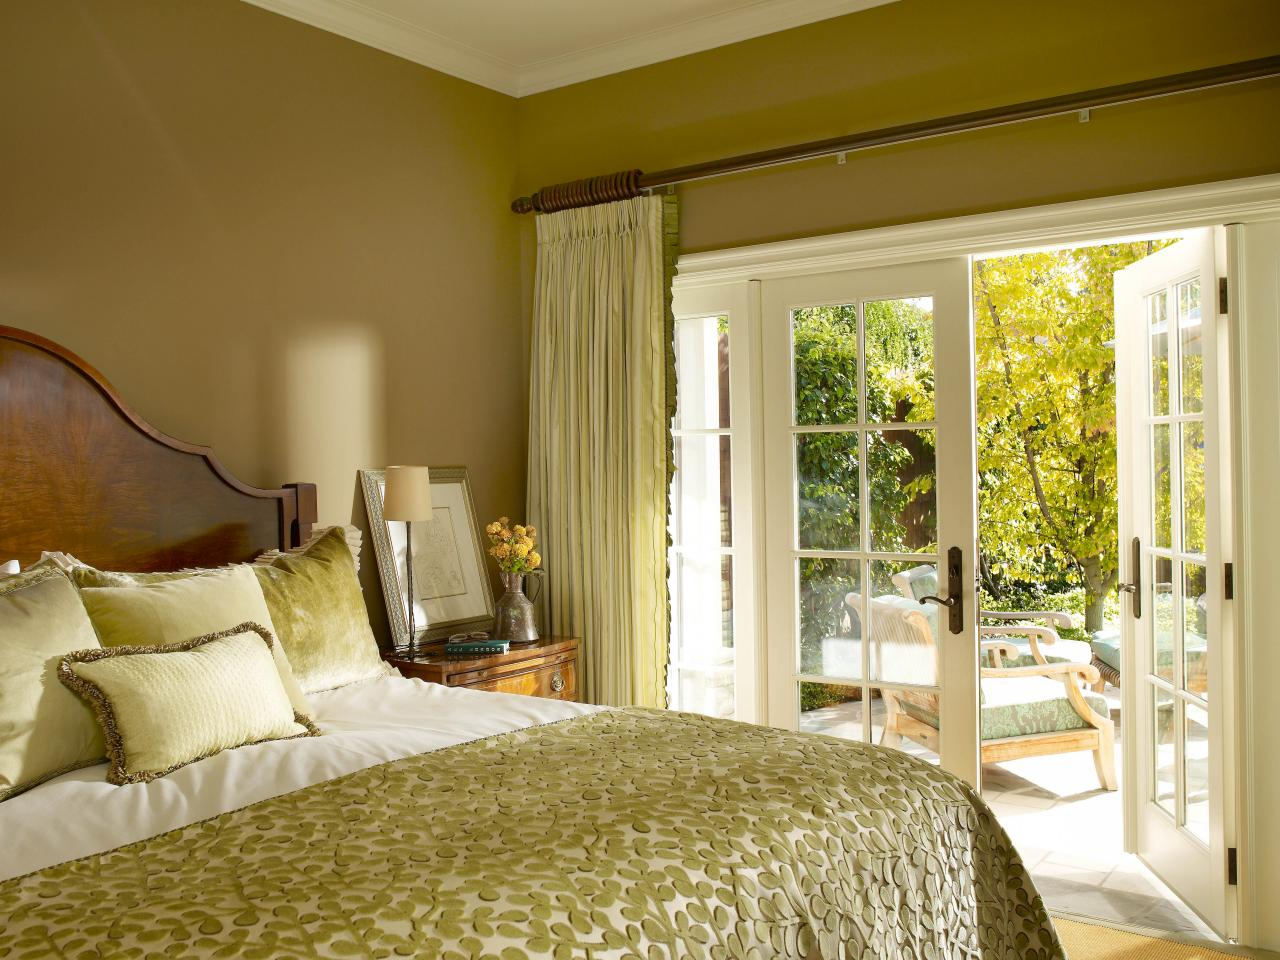 Спальня для отдыха или работы: синий и его оттенки